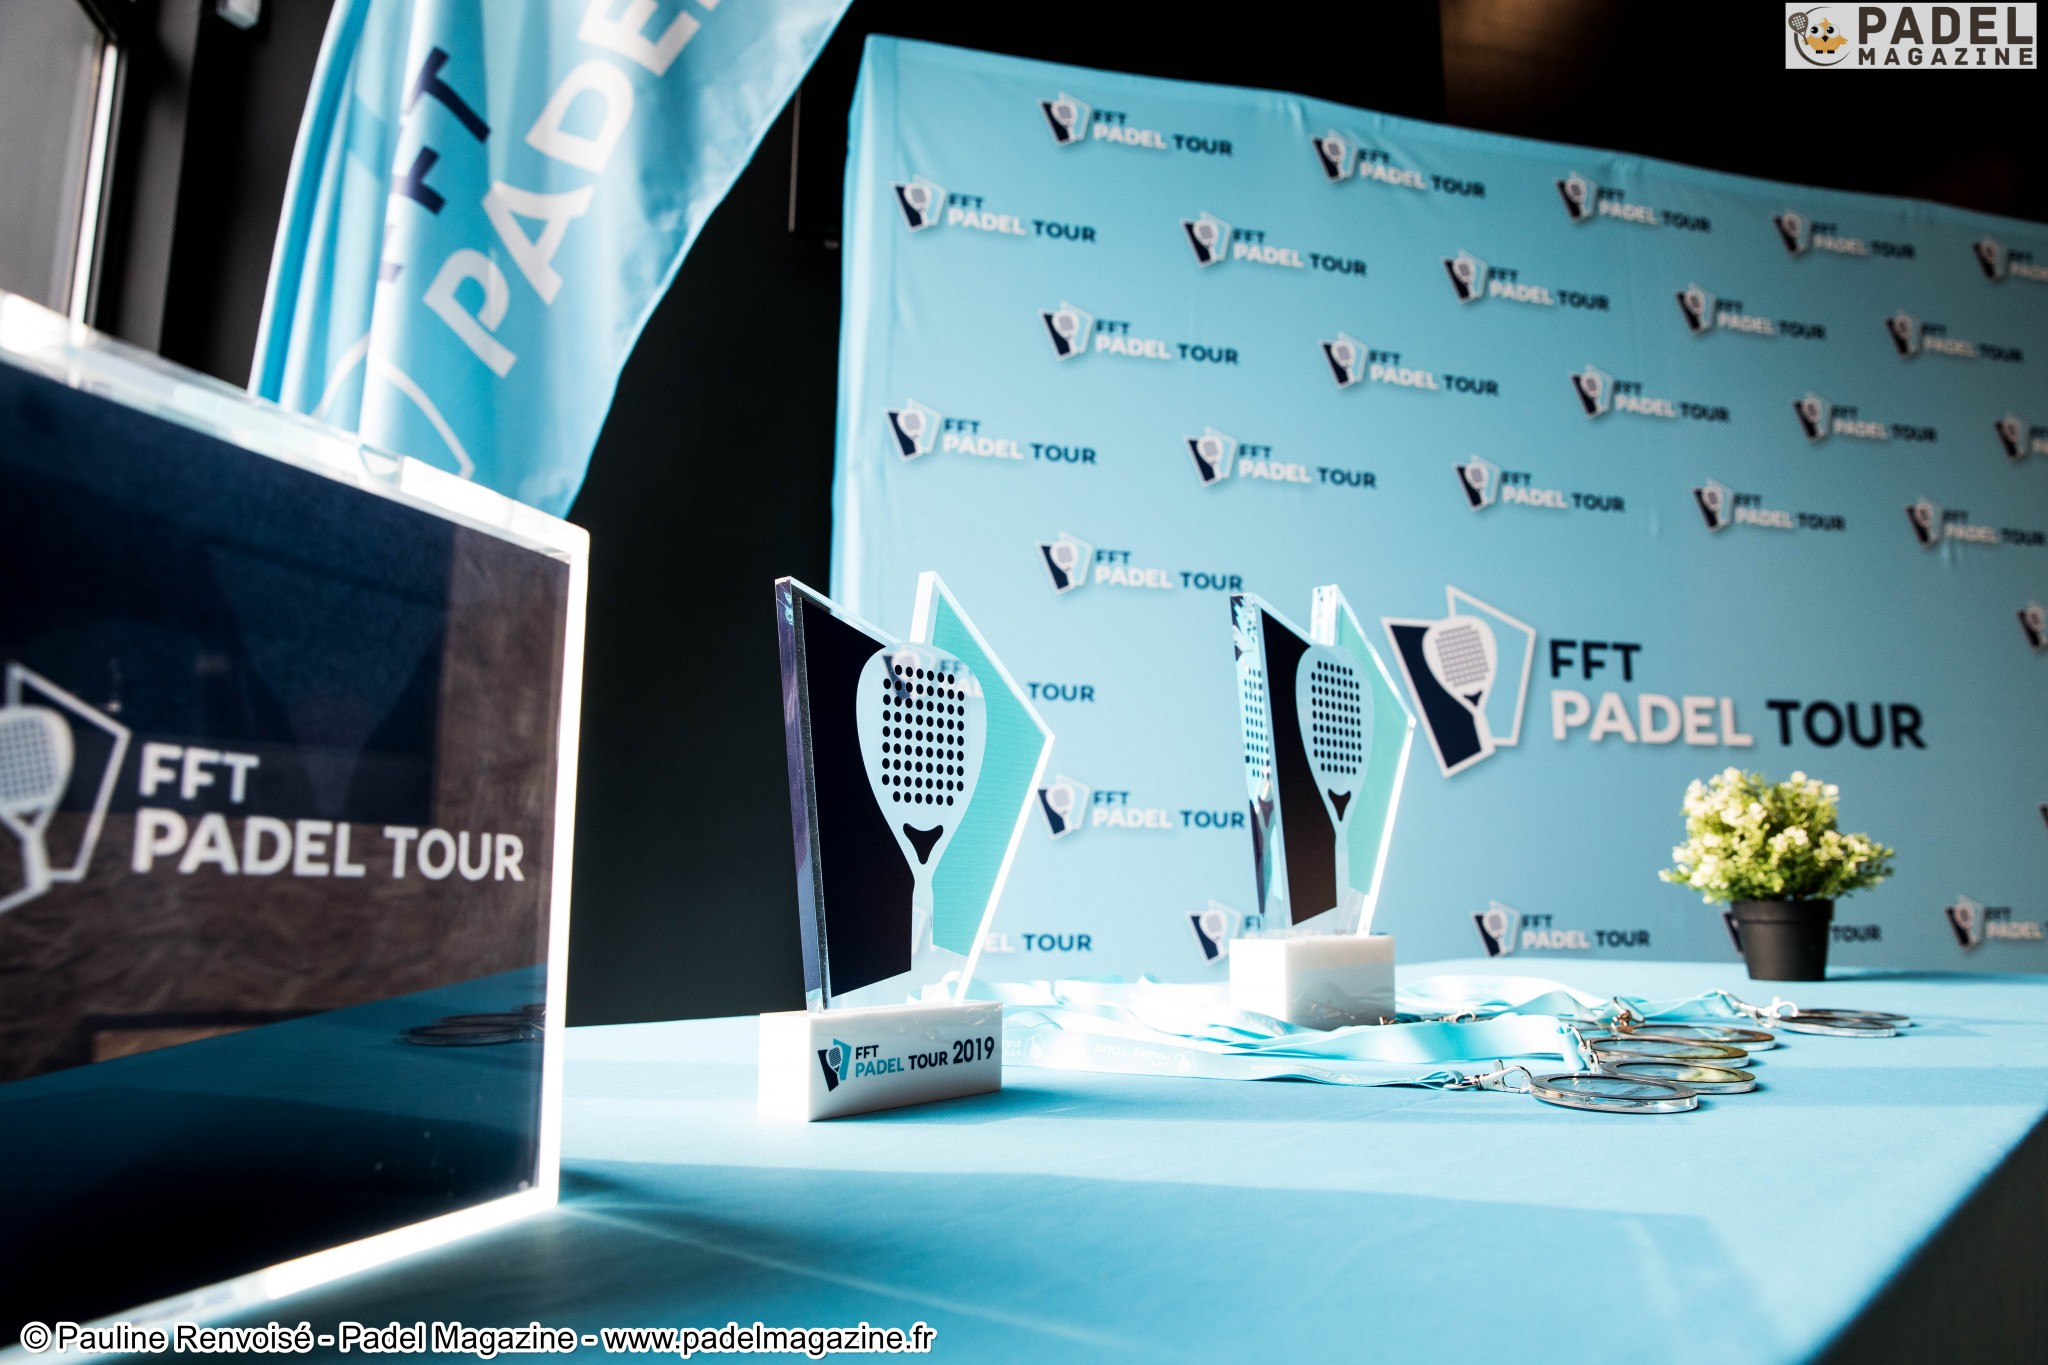 Les plus beaux points du FFT Padel Tour Valenciennes